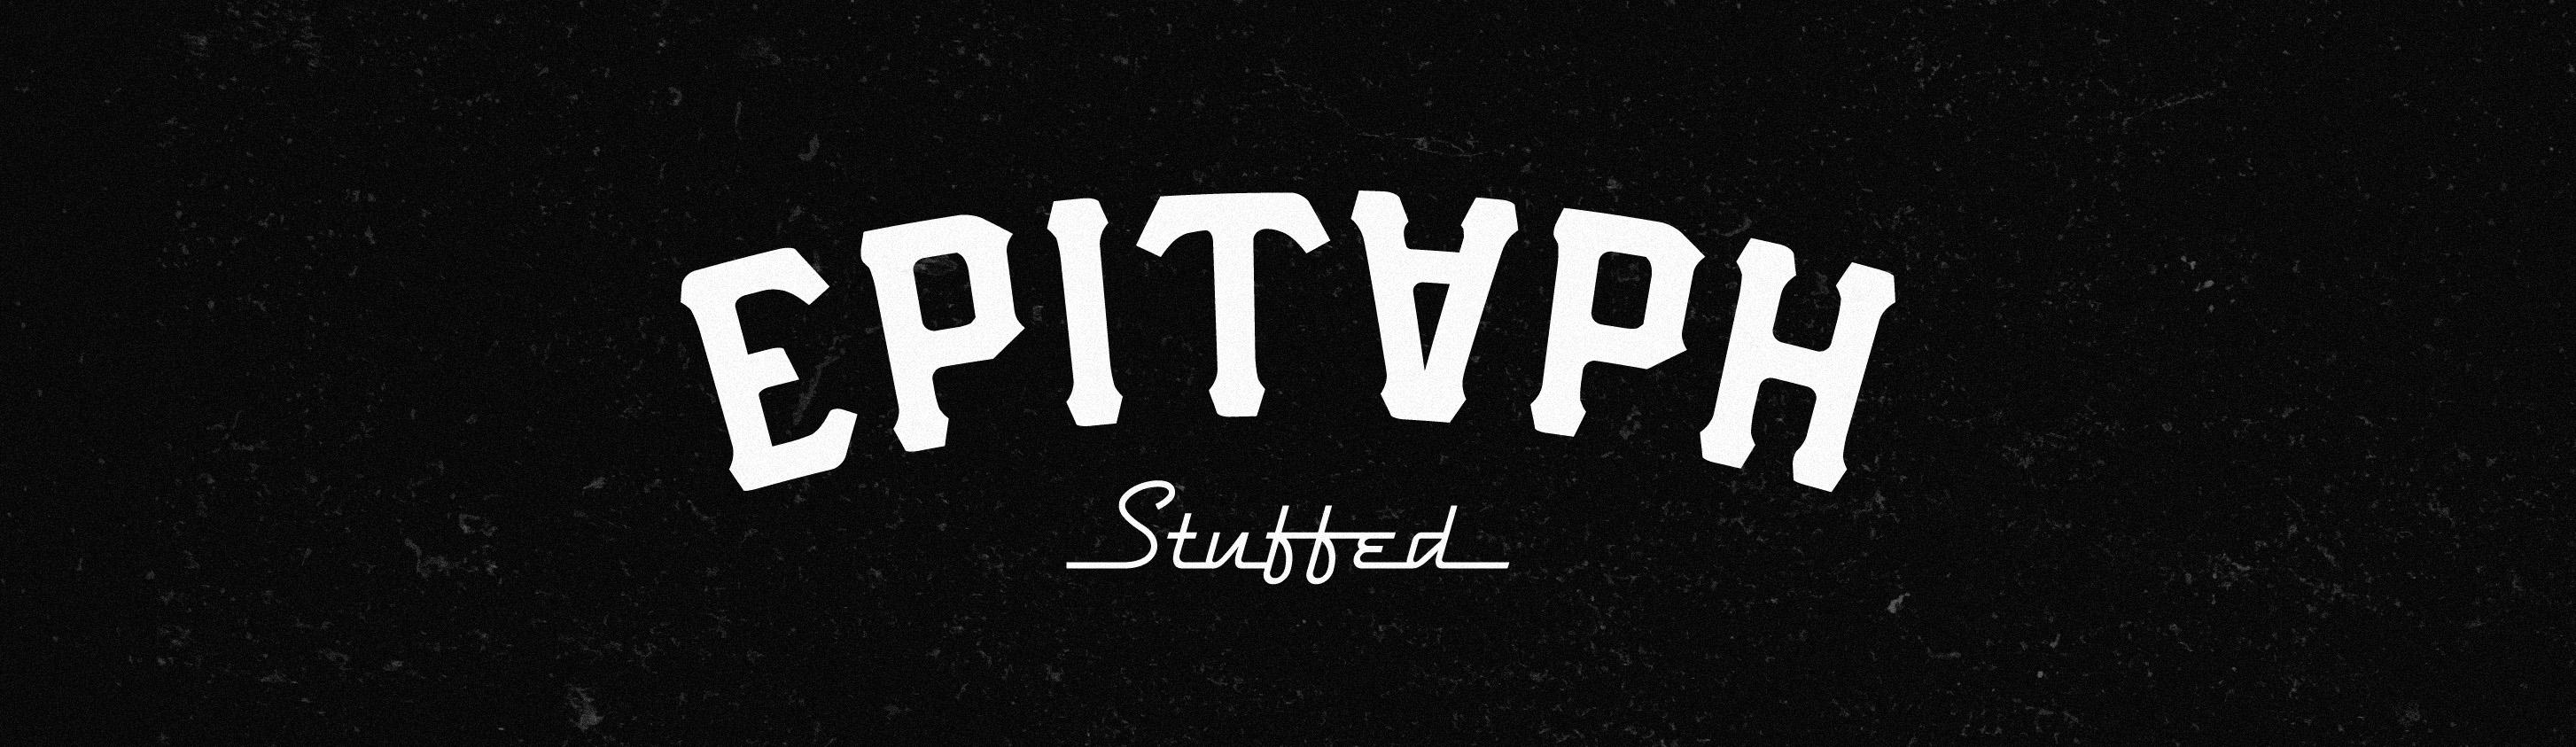 EPITAPH / STUFFED